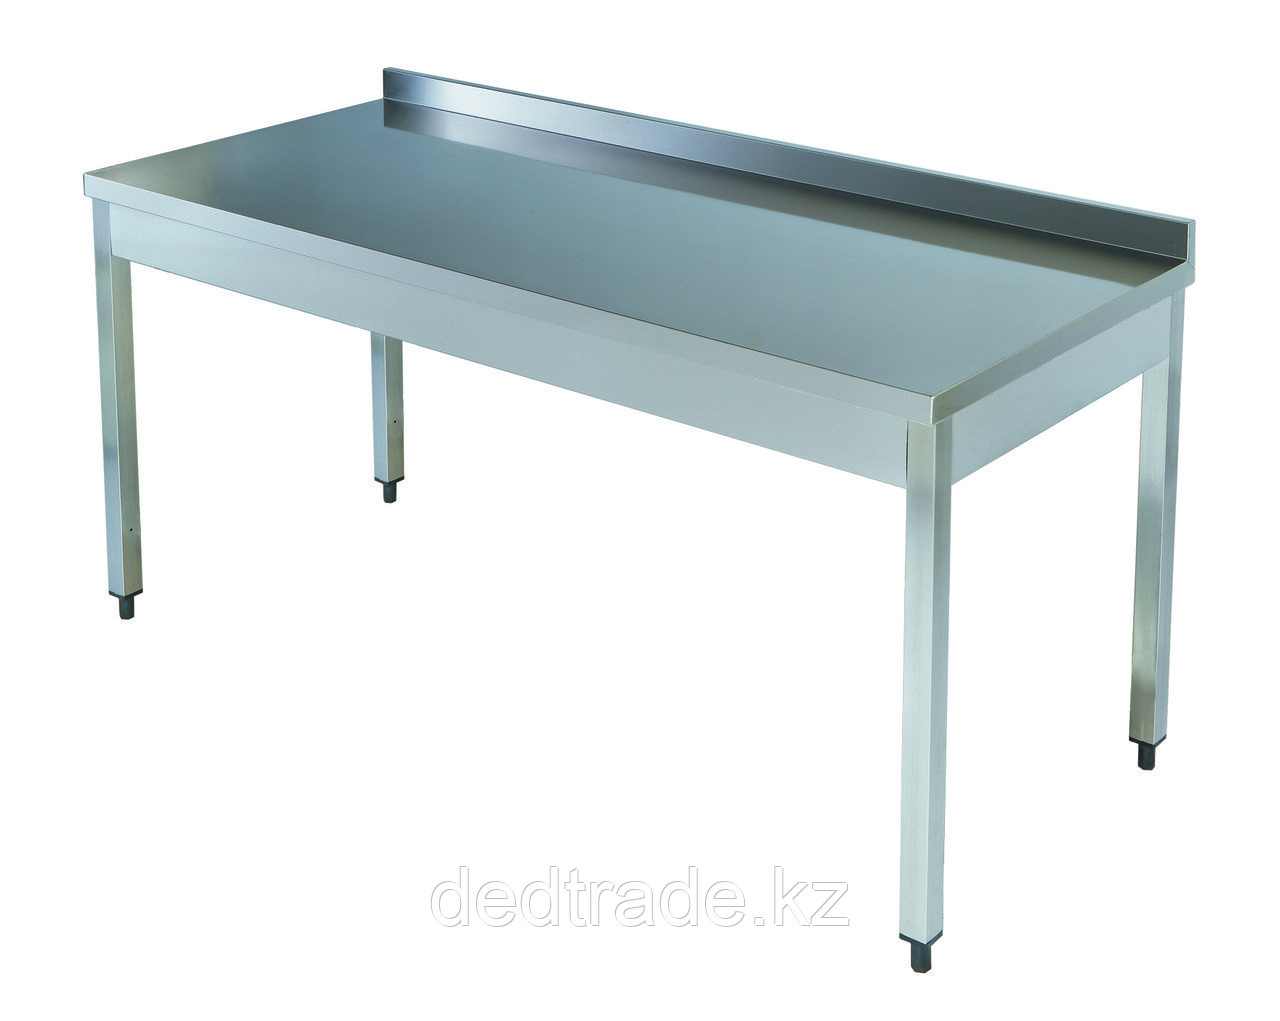 Рабочий стол без полки нержавеющая сталь Размеры 1600*700*850 мм